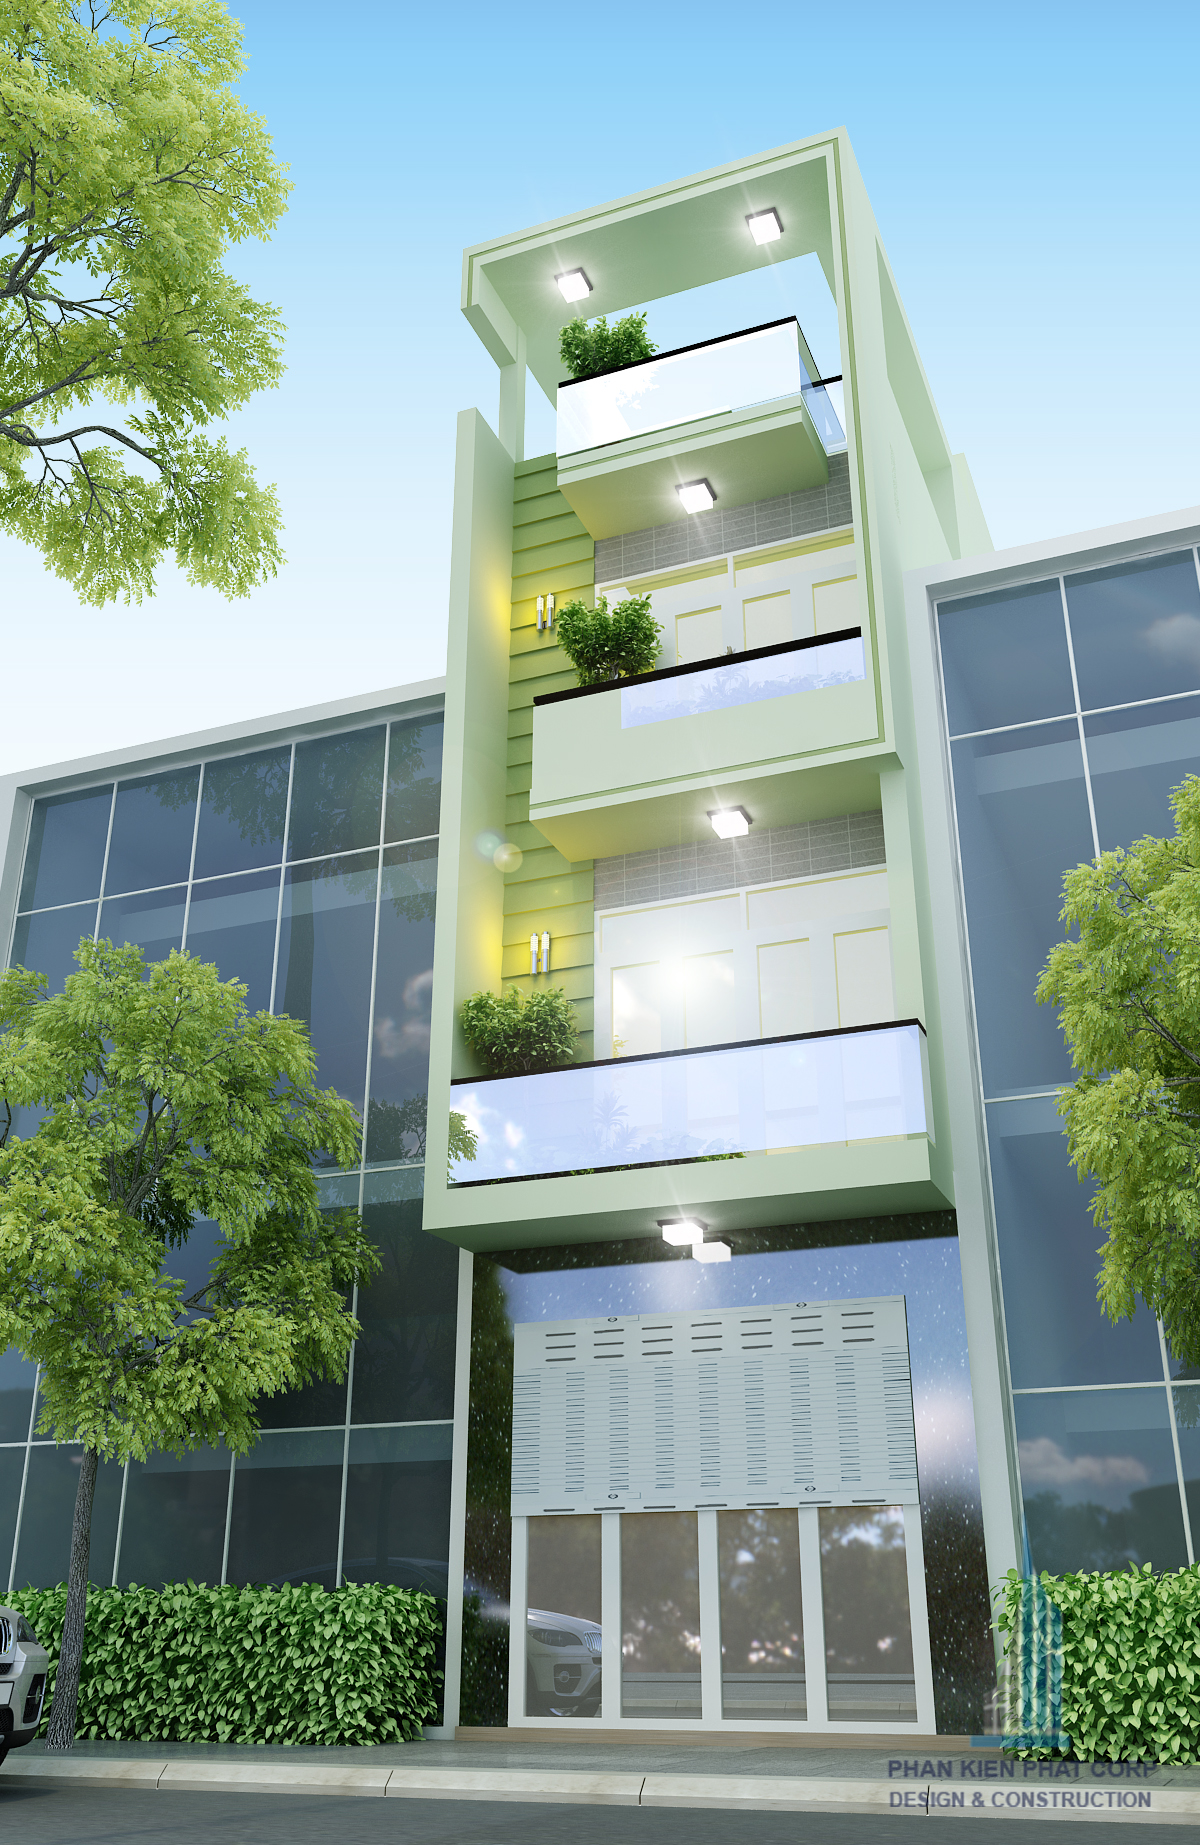 Công trình, Thiết kế xây dựng nhà phố, Chị Quế Thương